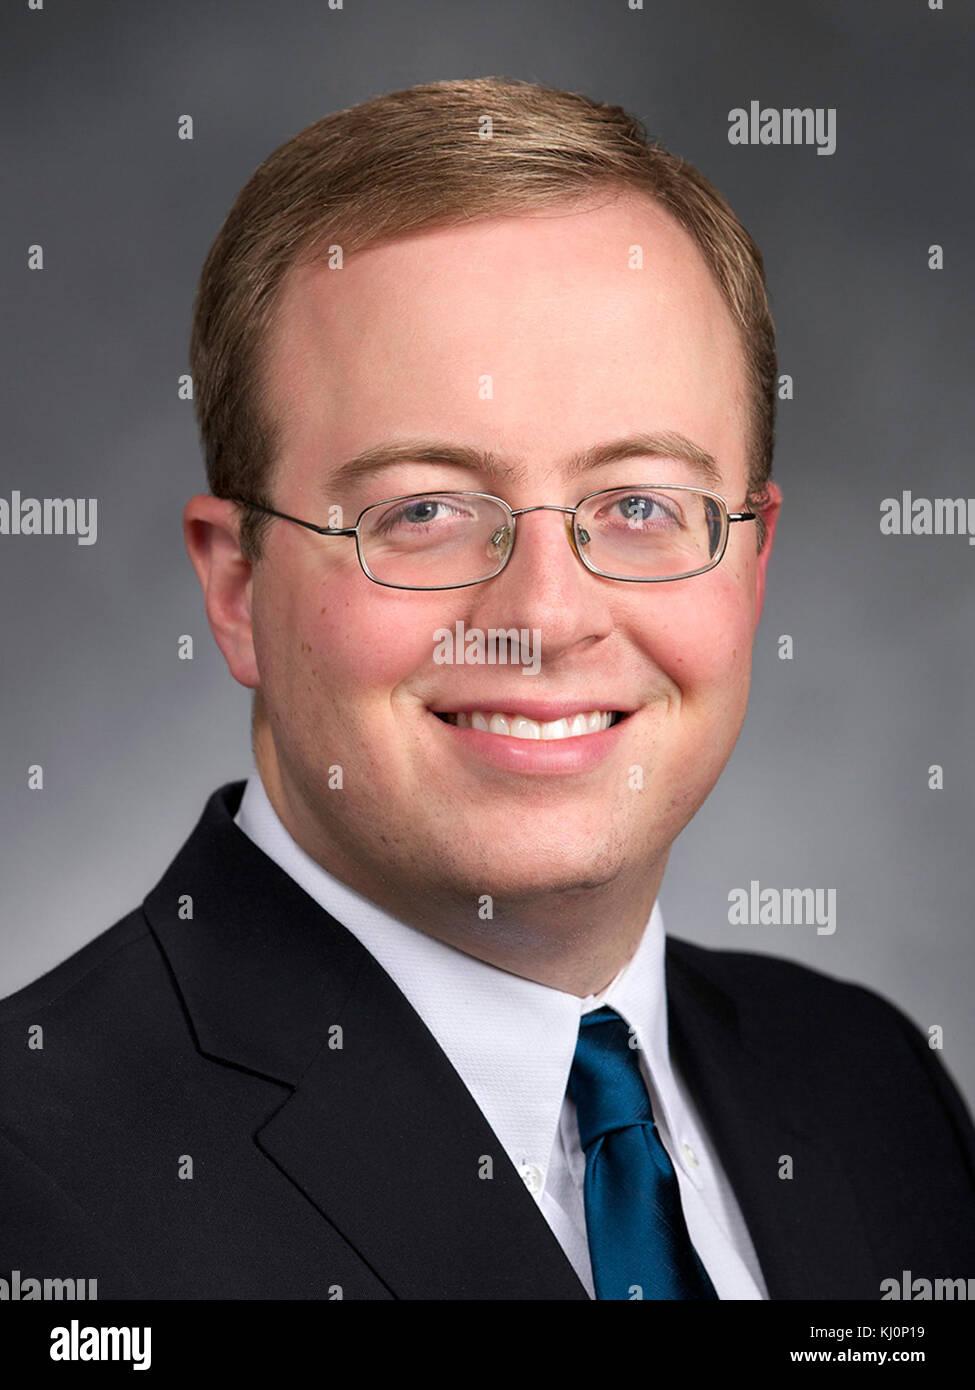 Nathan Schlicher - Stock Image